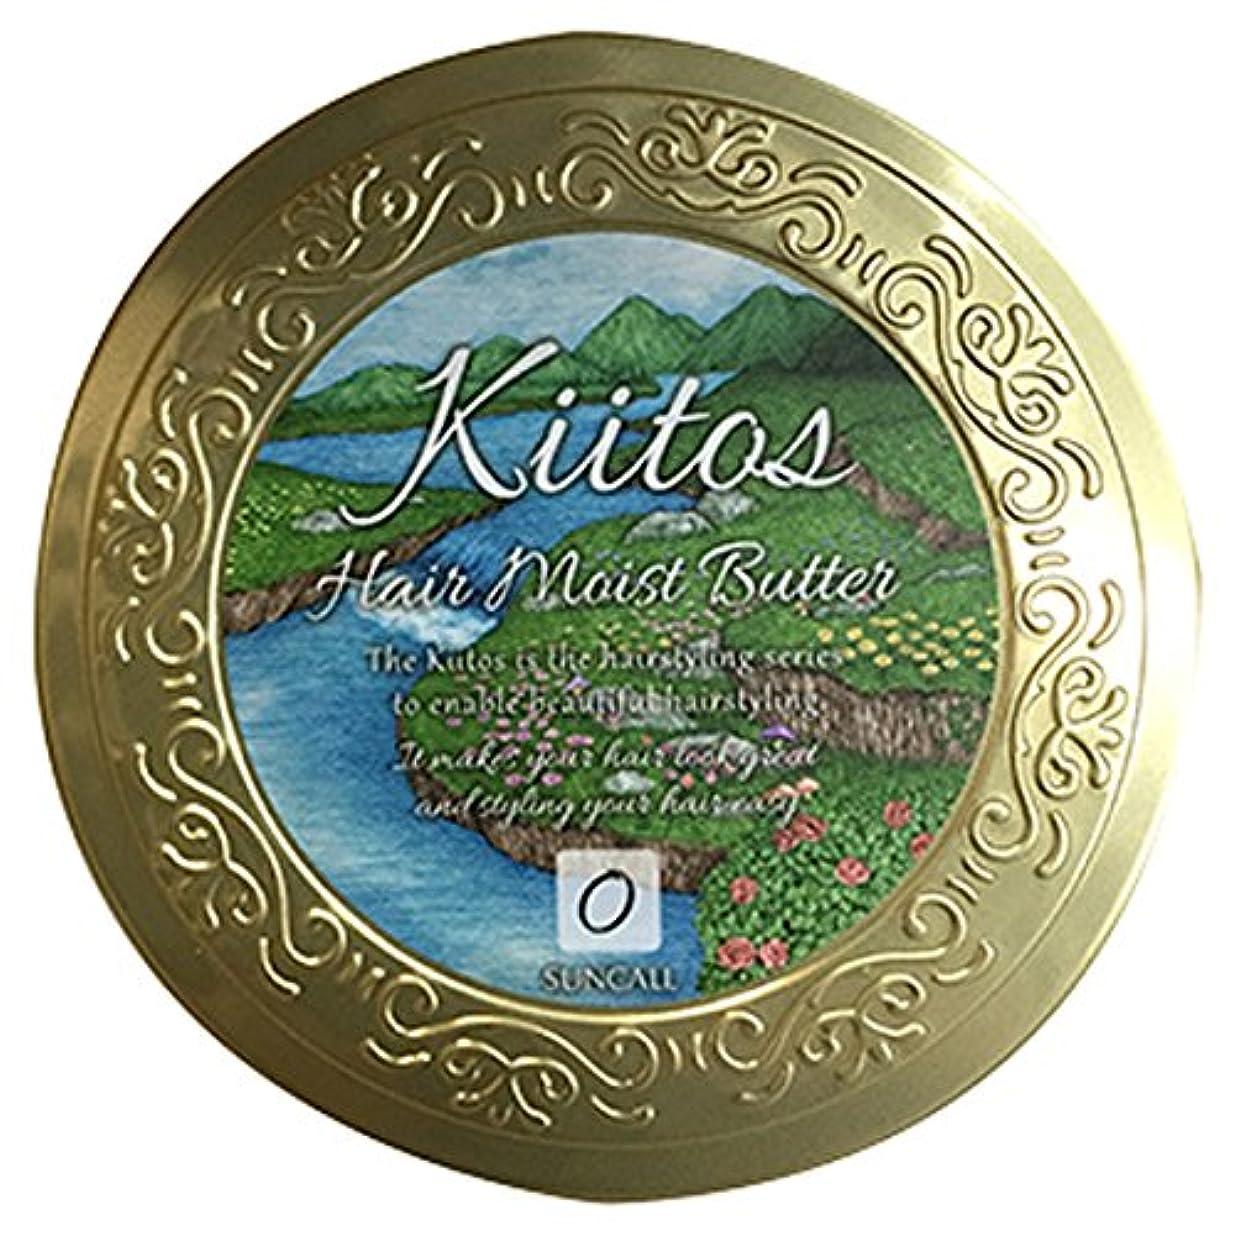 先例第軽食SUNCALL (サンコール) キートス ヘアモイストバター 85g